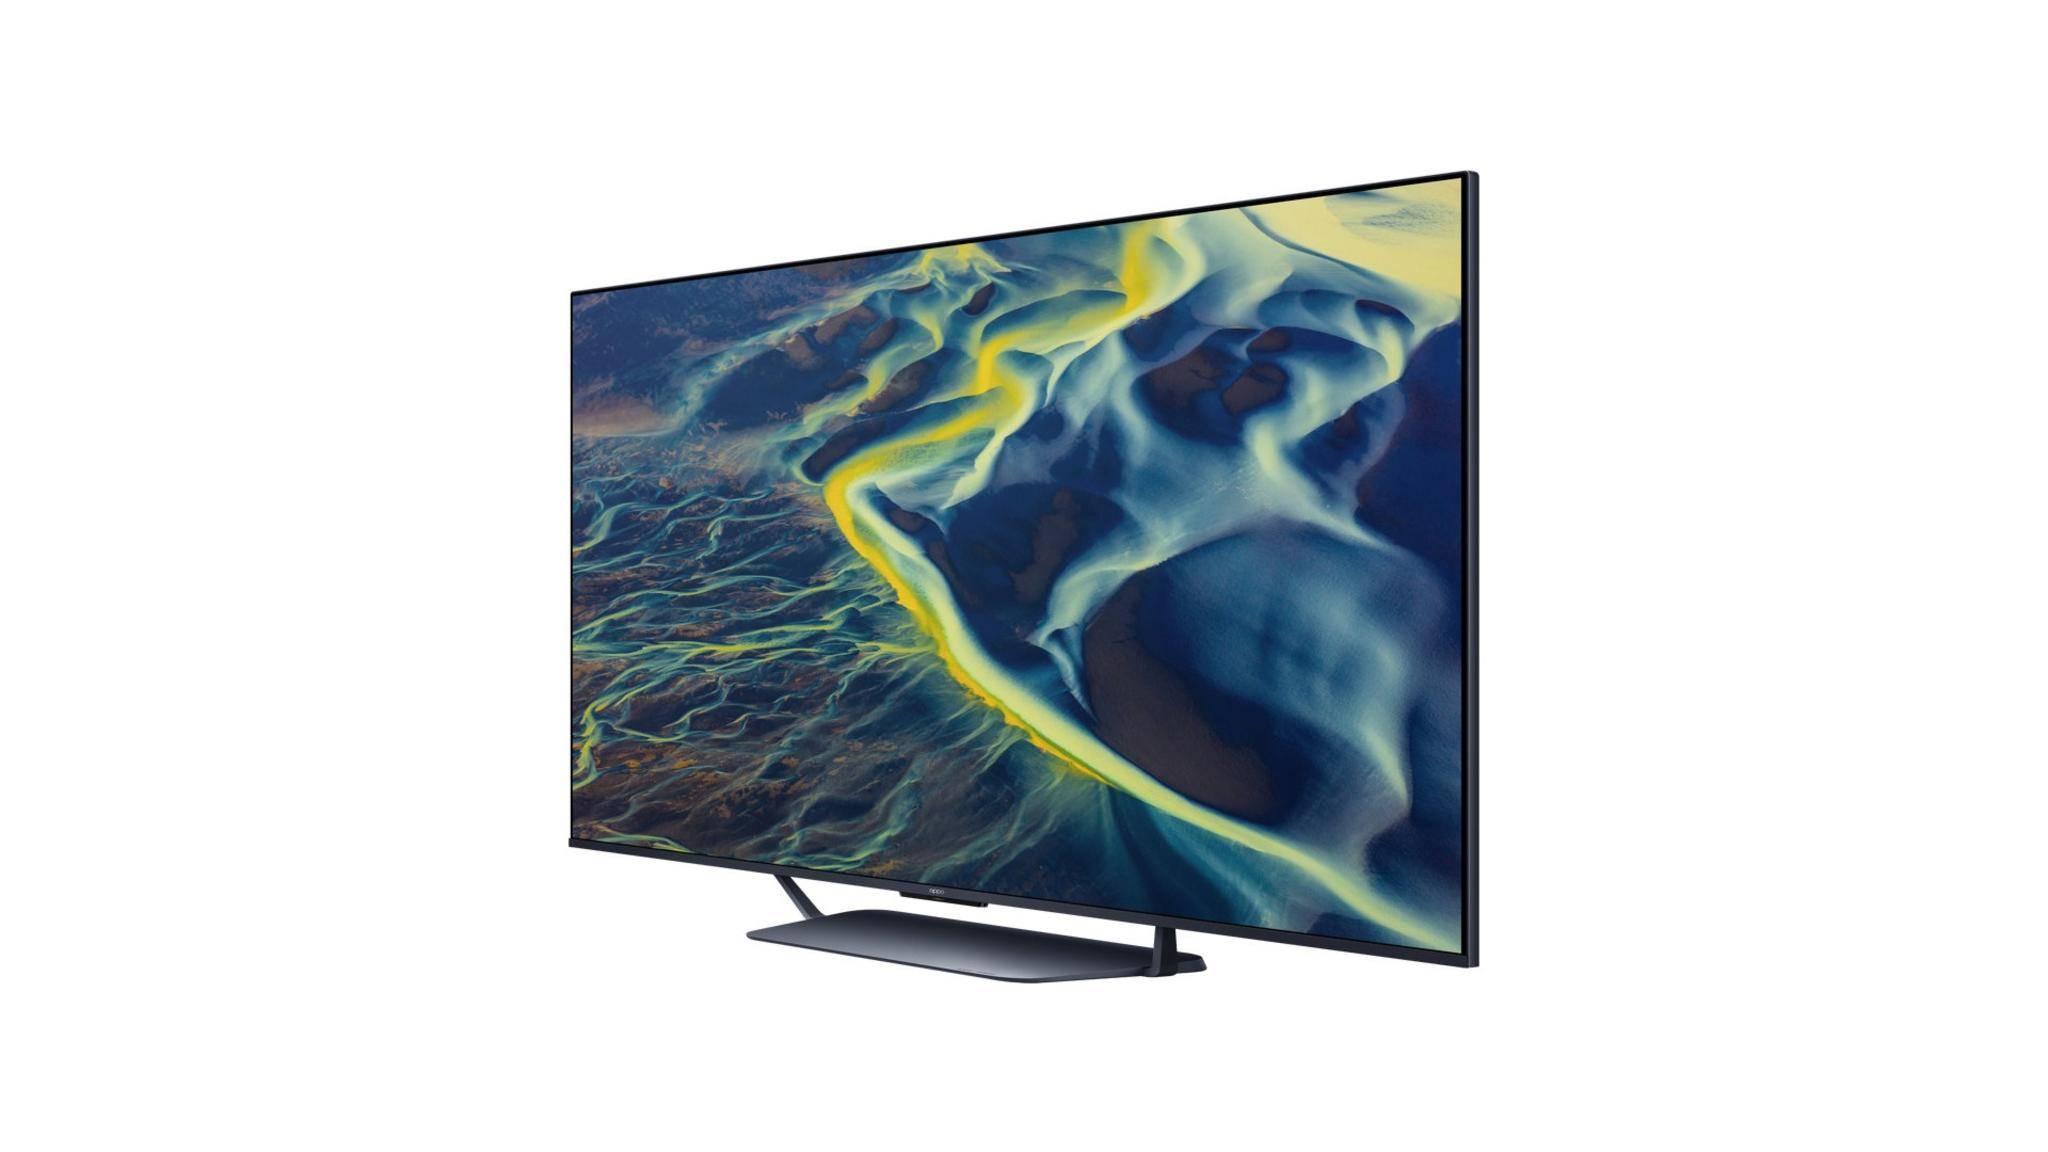 Oppo-S1-TV-1